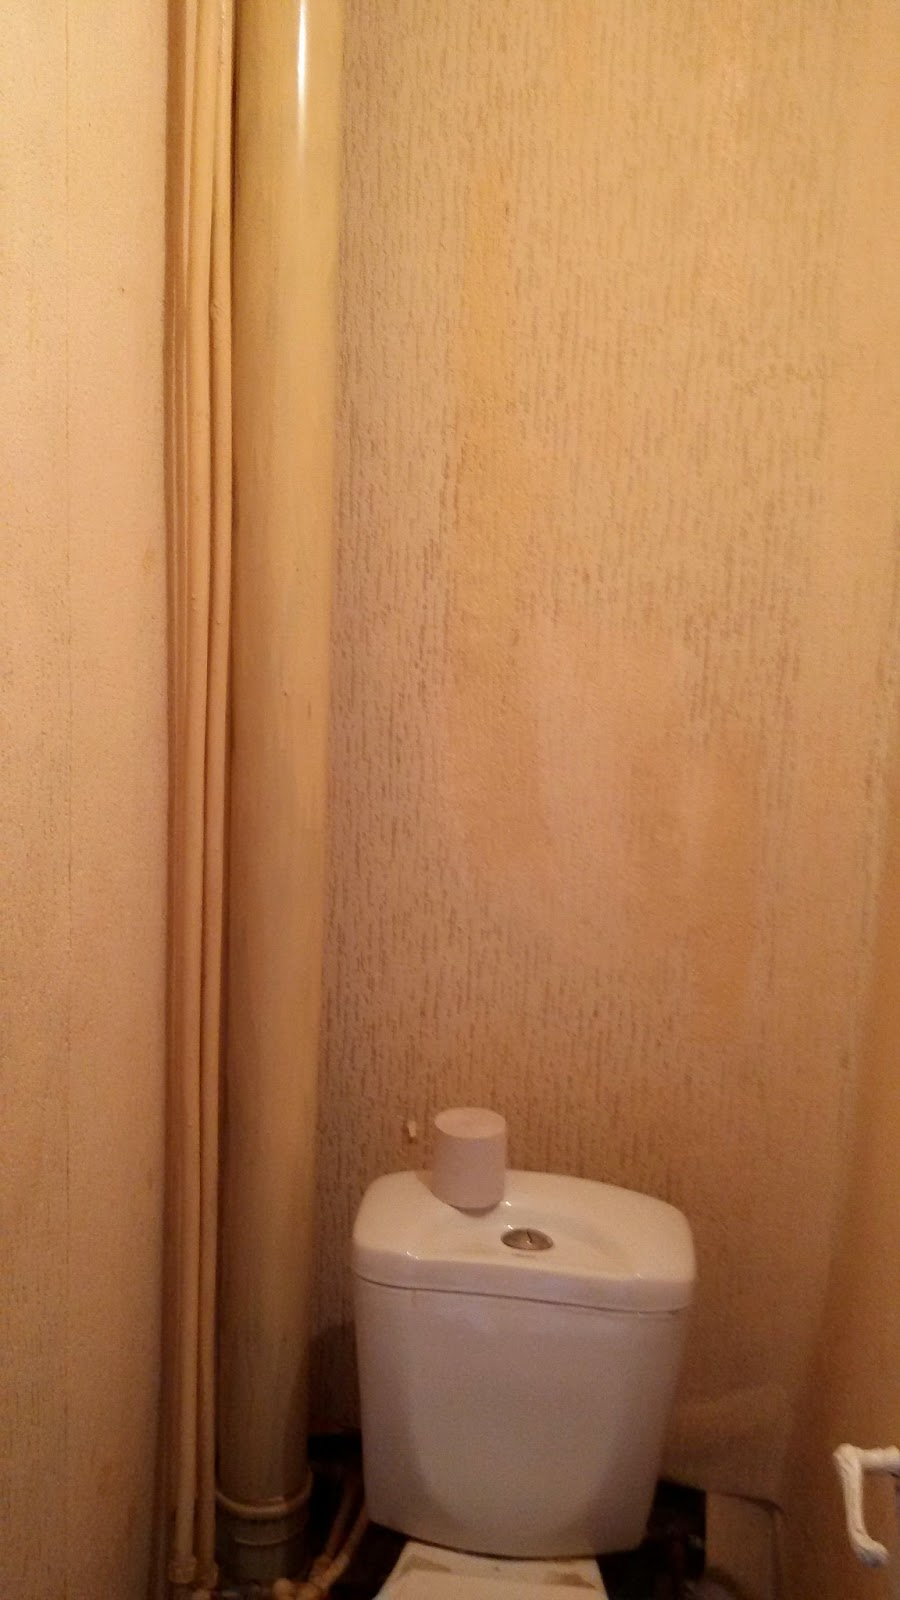 Продажа 3-х комнатной квартиры по ул. Куприна, 1 на 8/9 этажного дома